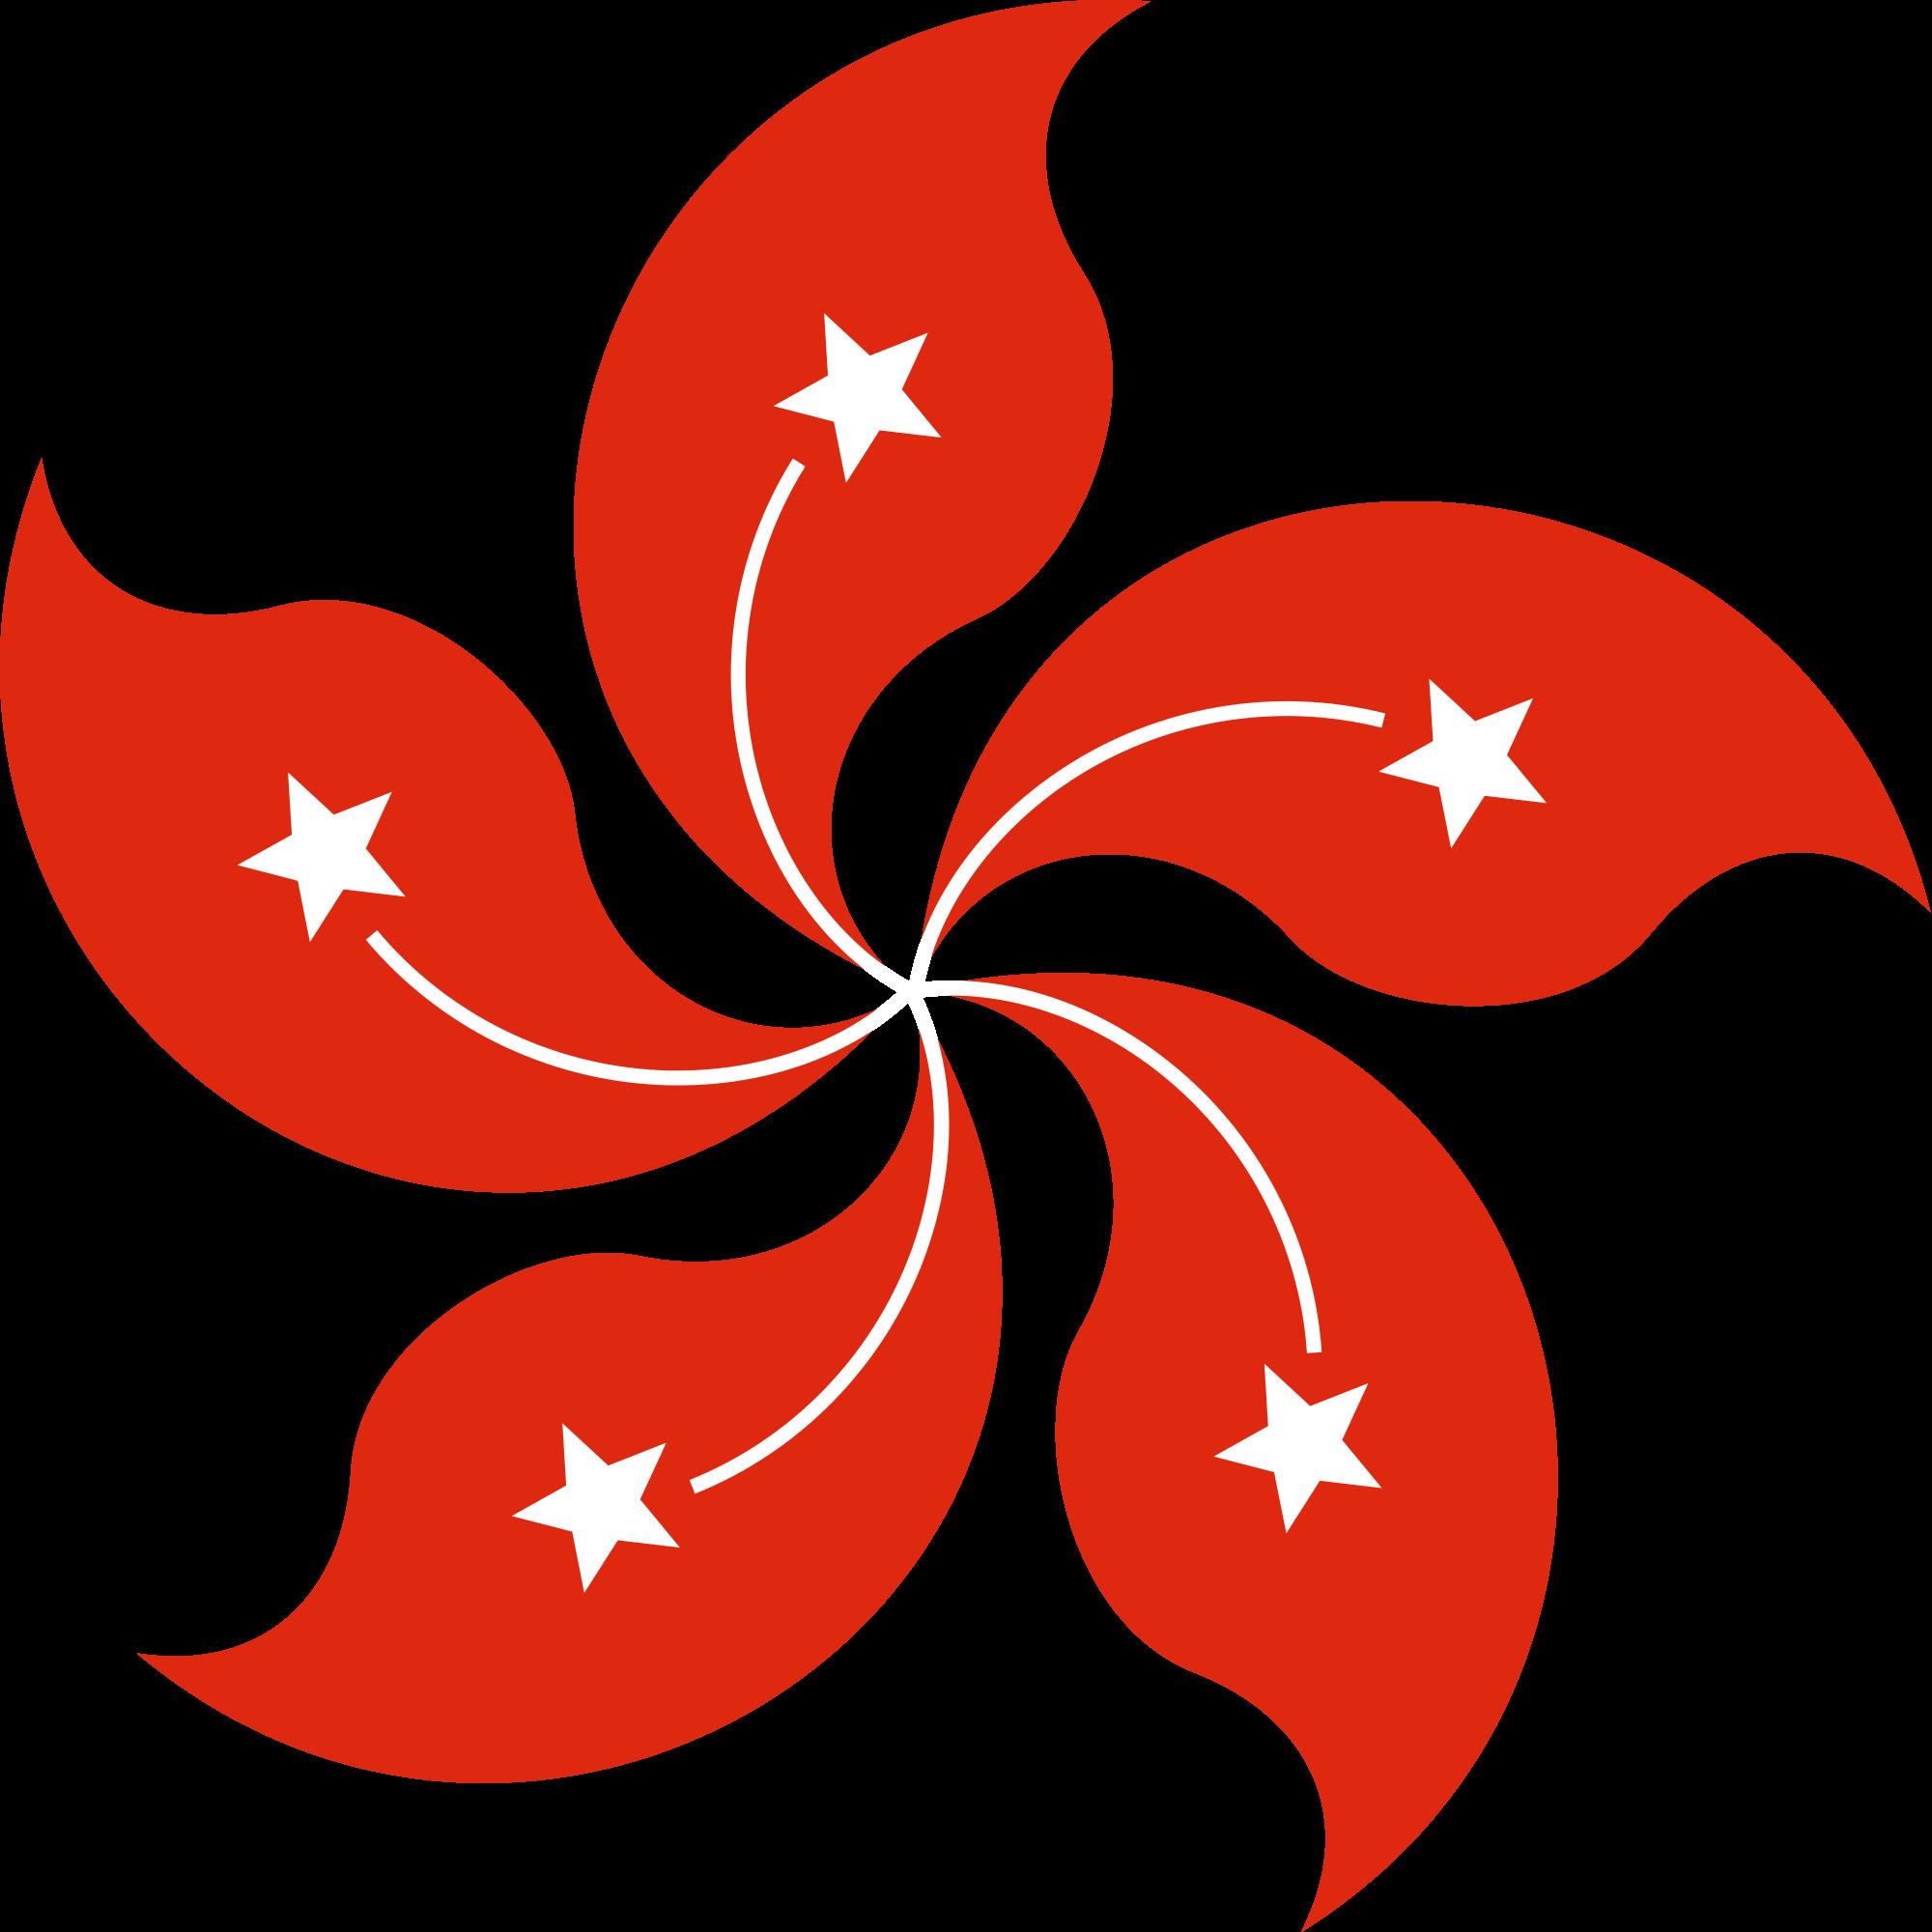 Hongkong Image.